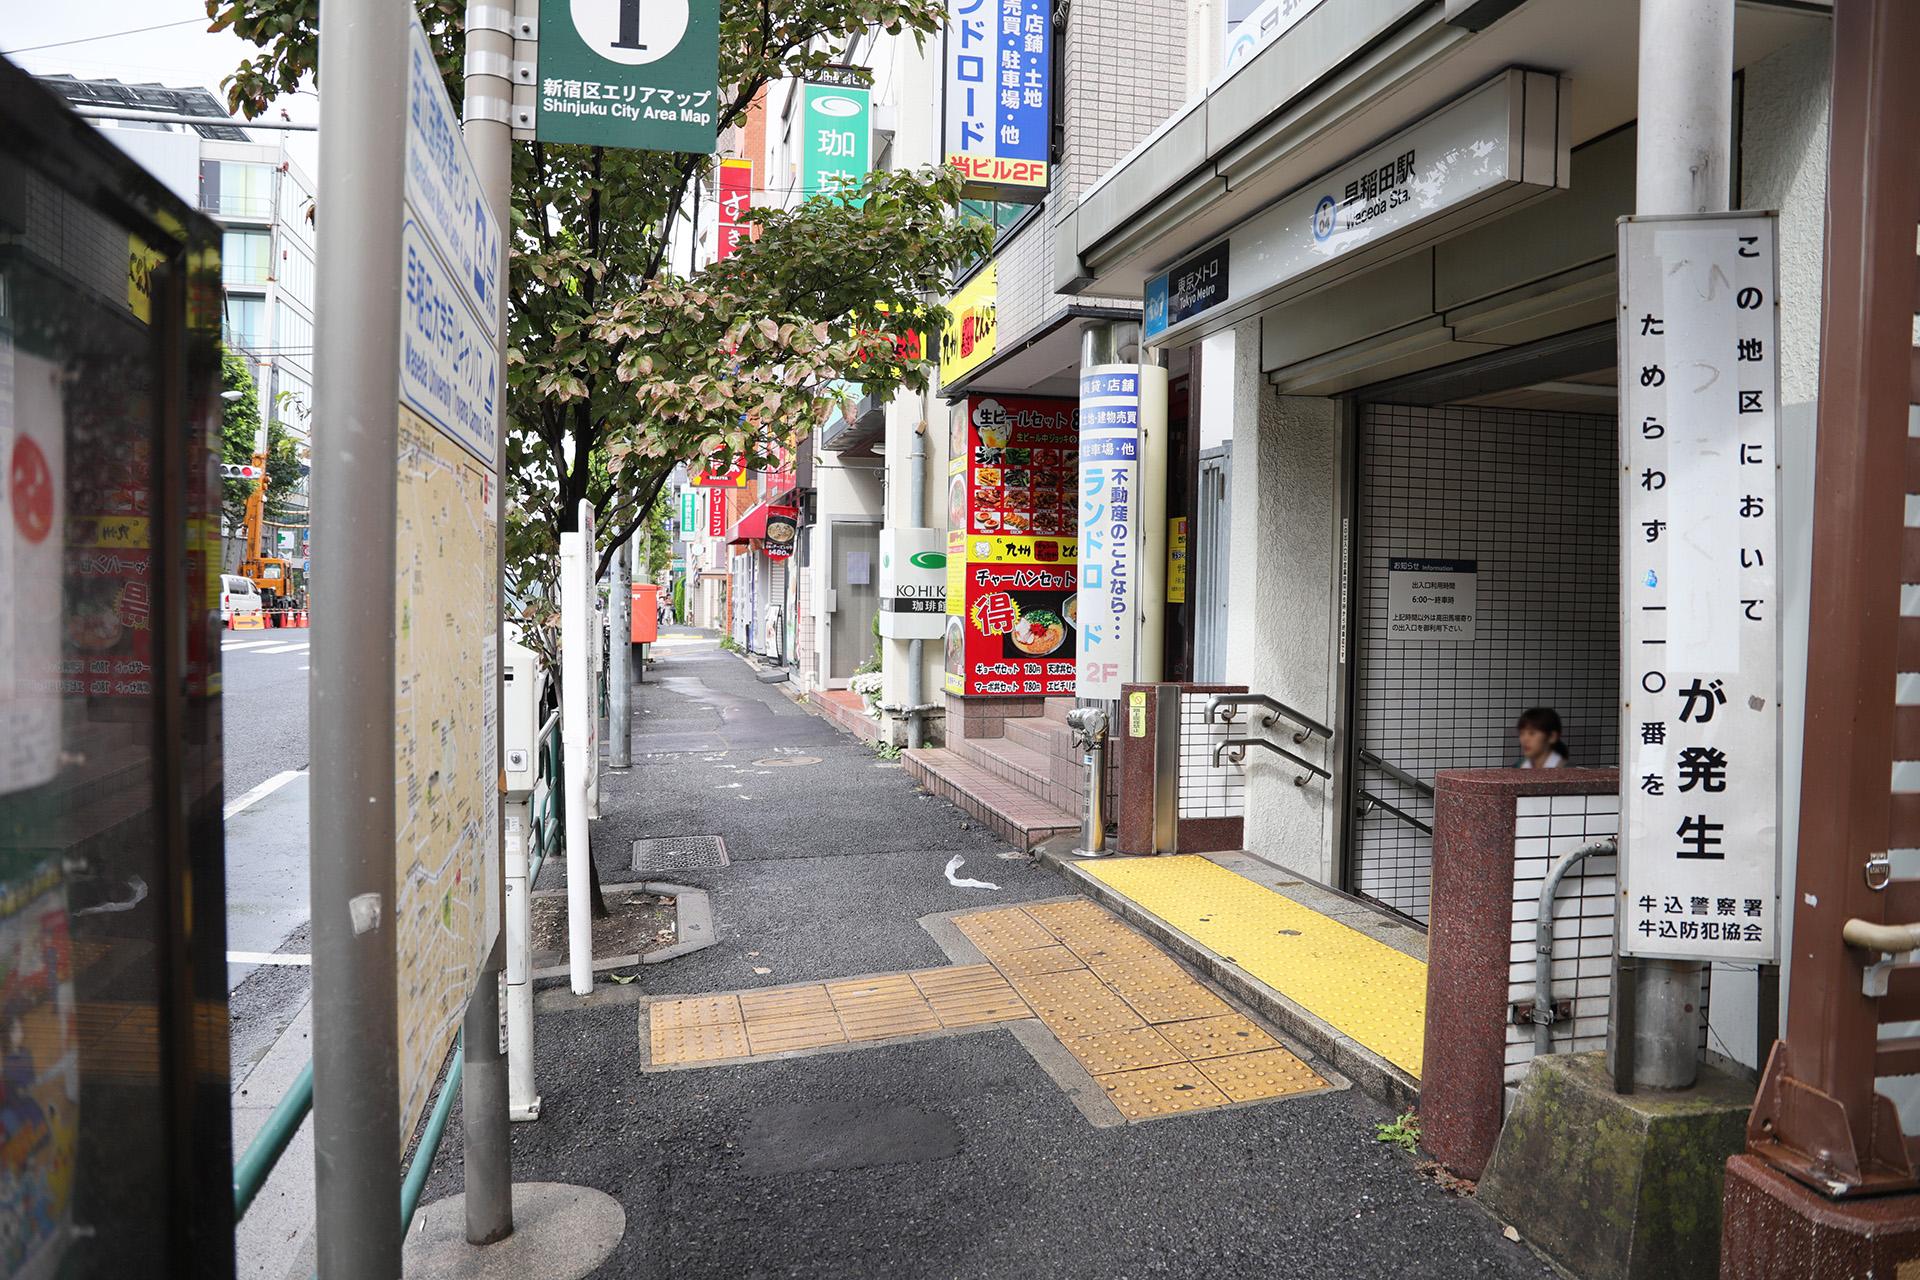 セラピーマッサージのレッスンLuana 道順1